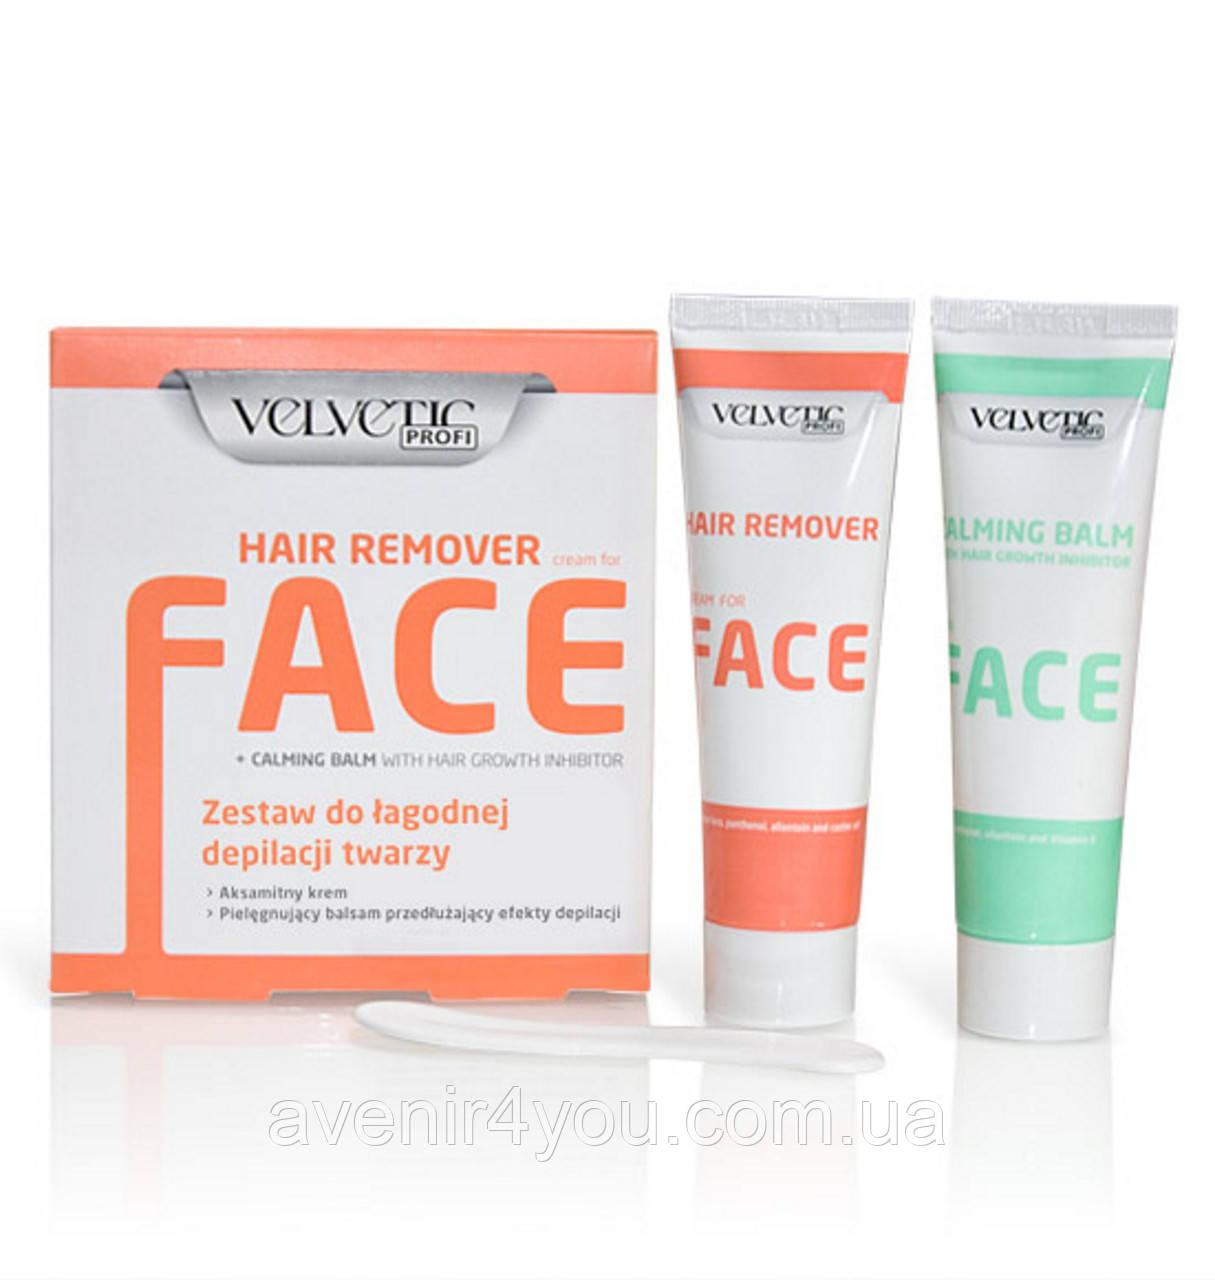 VELVETIC Набор для легкого удаления волос на лице